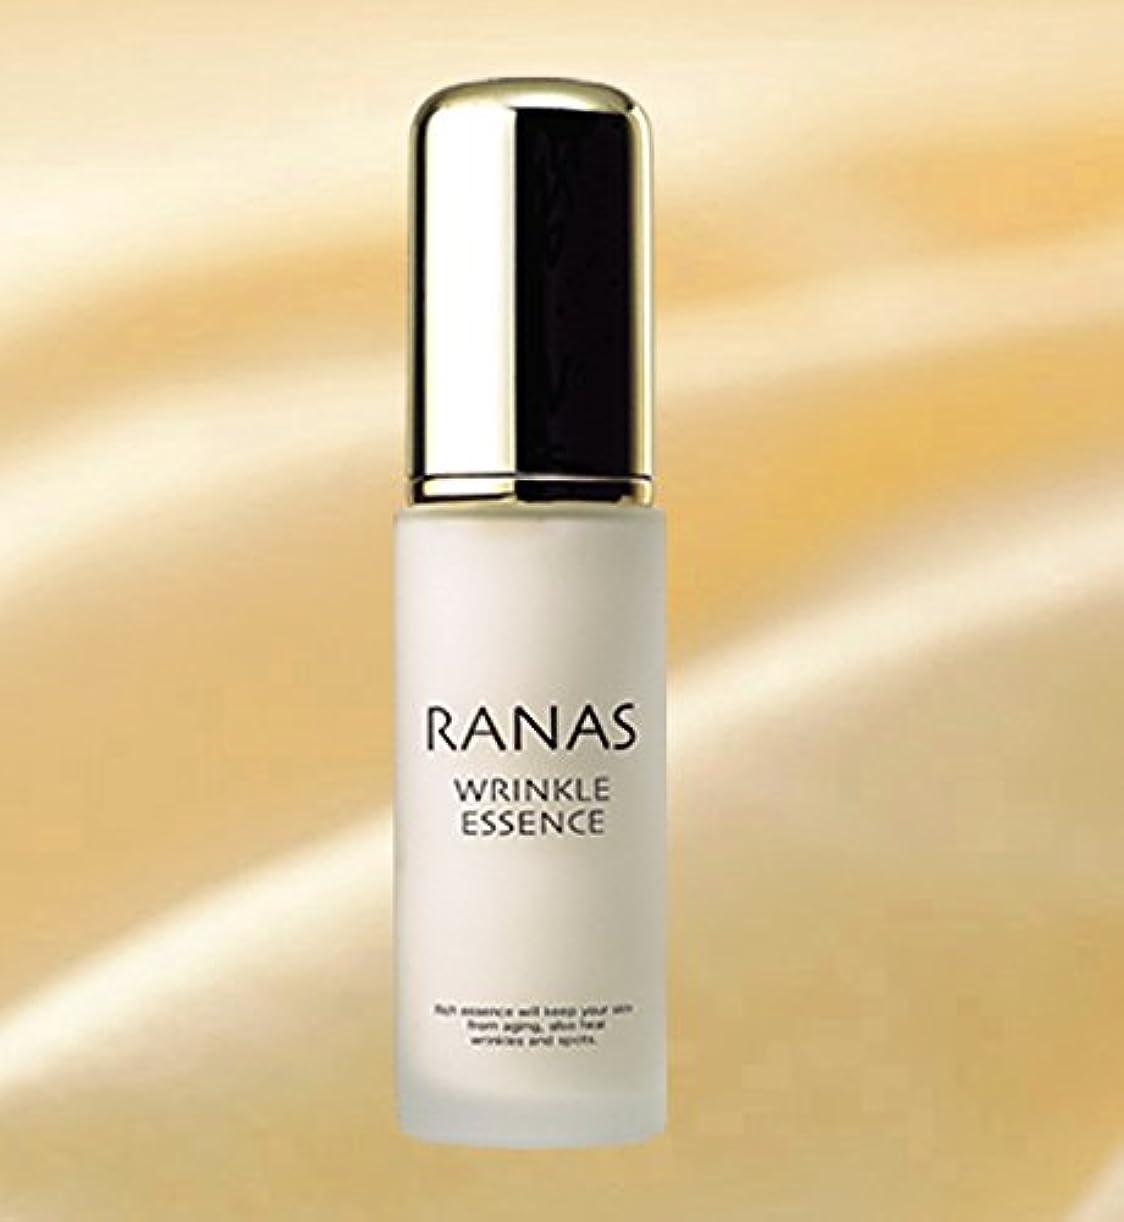 広まった頑丈エアコンラナス スペシャル リンクルエッセンス (30ml) Ranas Special Wrinkle Essence (Beauty Essence)